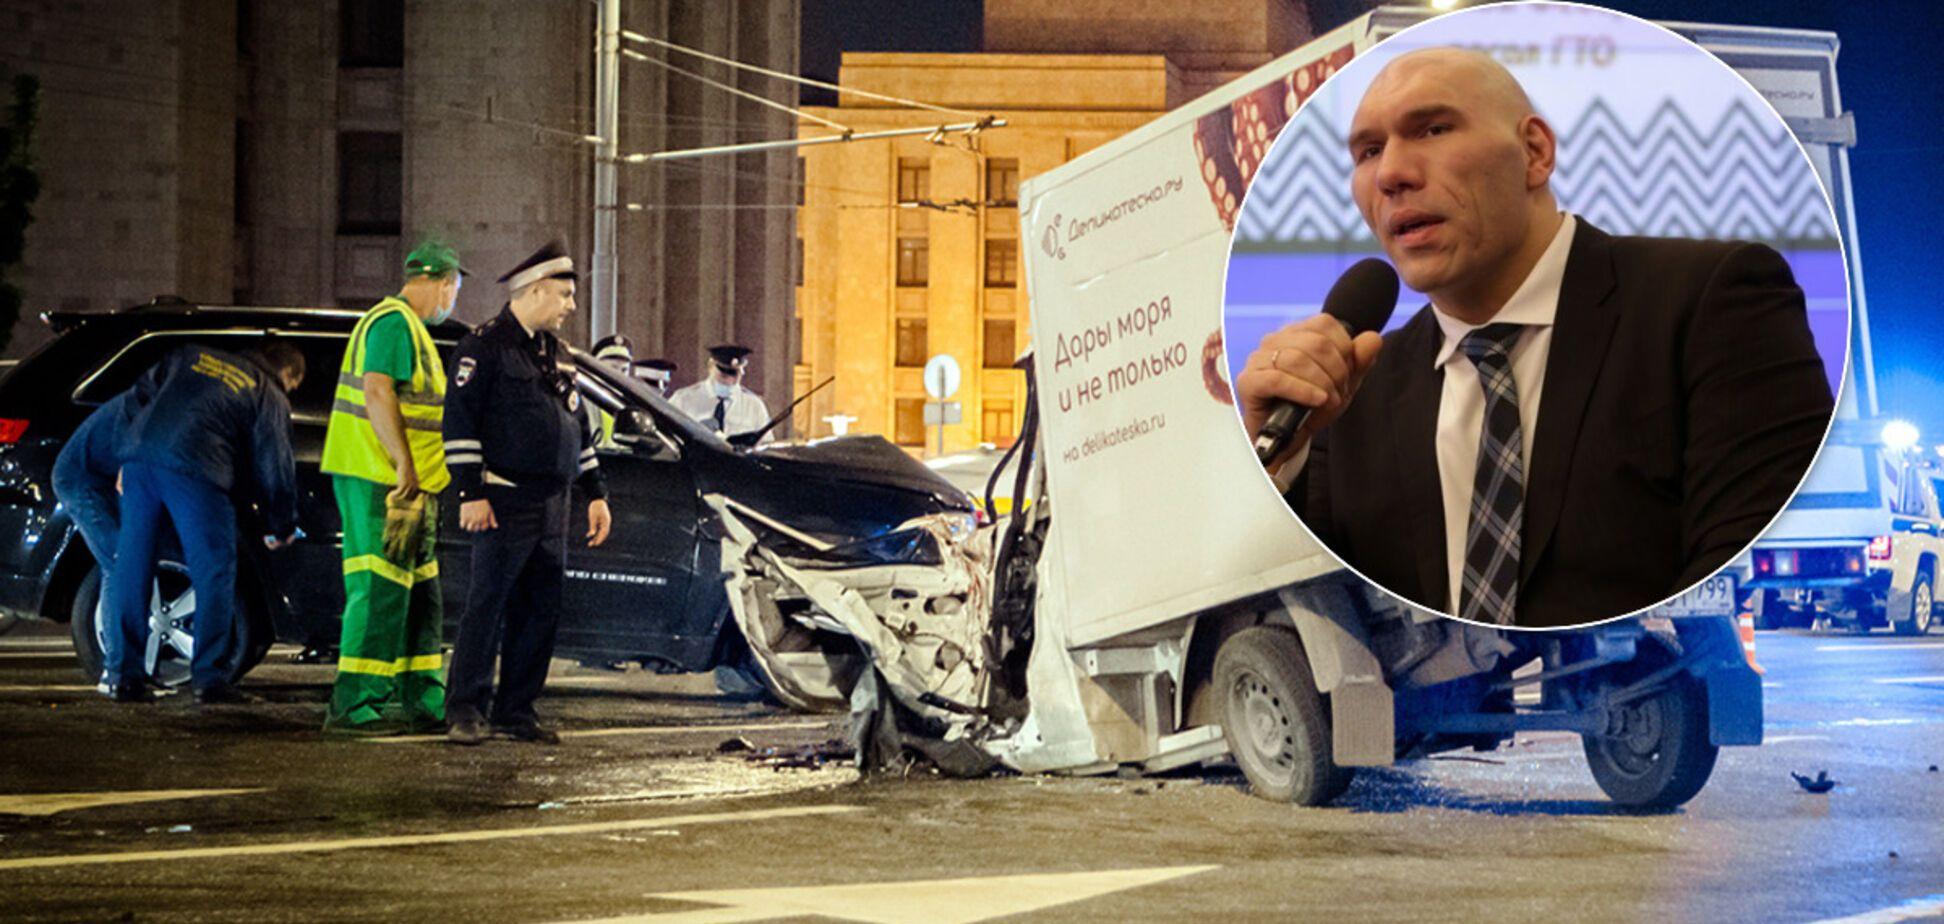 Валуєв висловився про смертельну ДТП за участю Єфремова